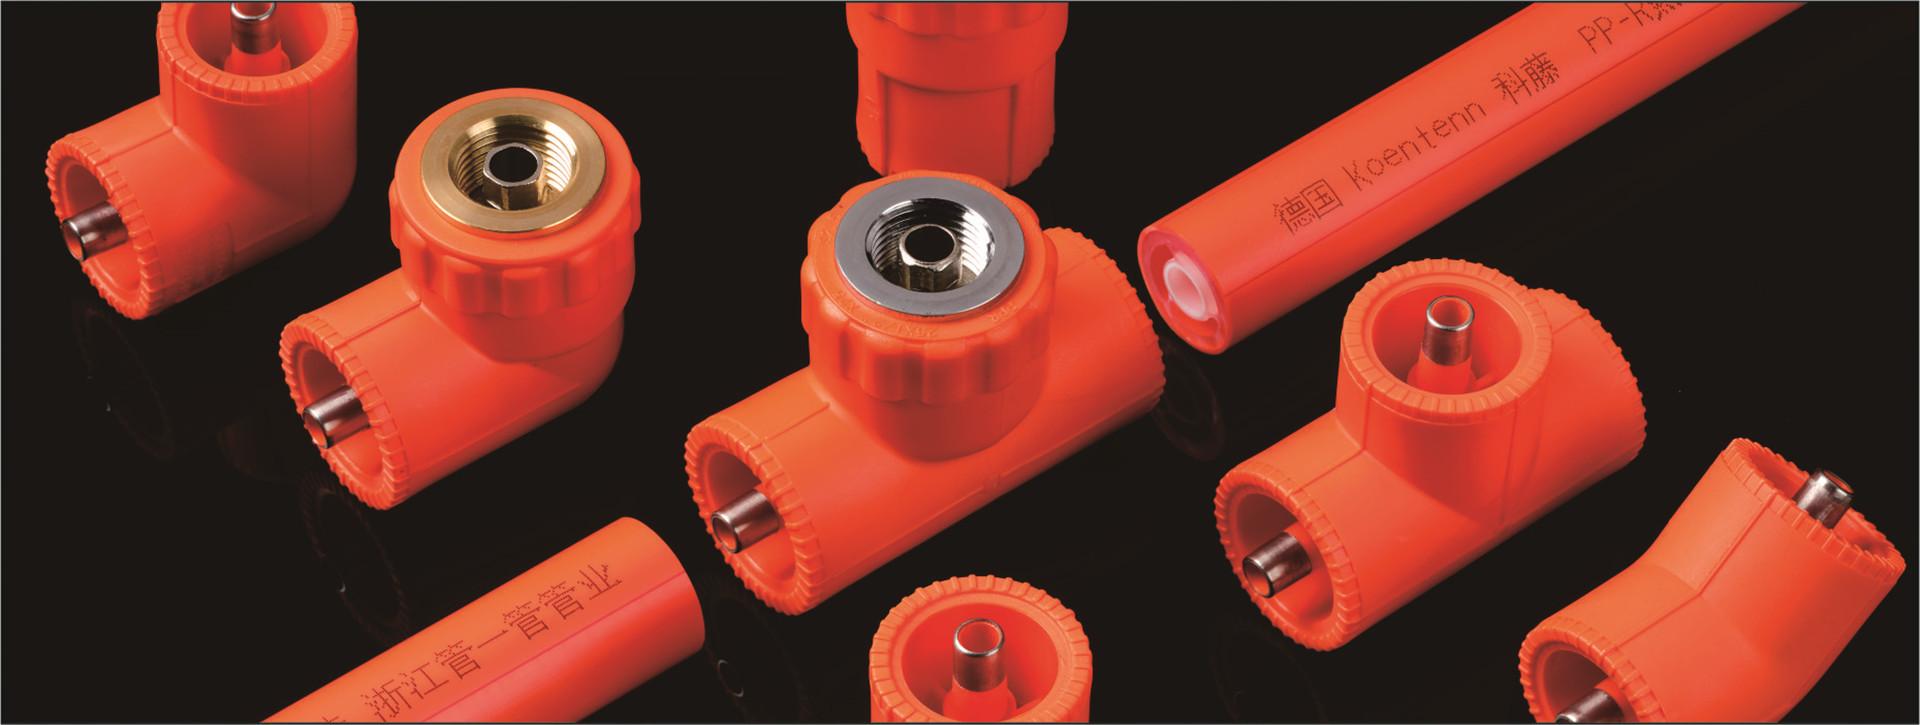 通用冷热水共用管及管件